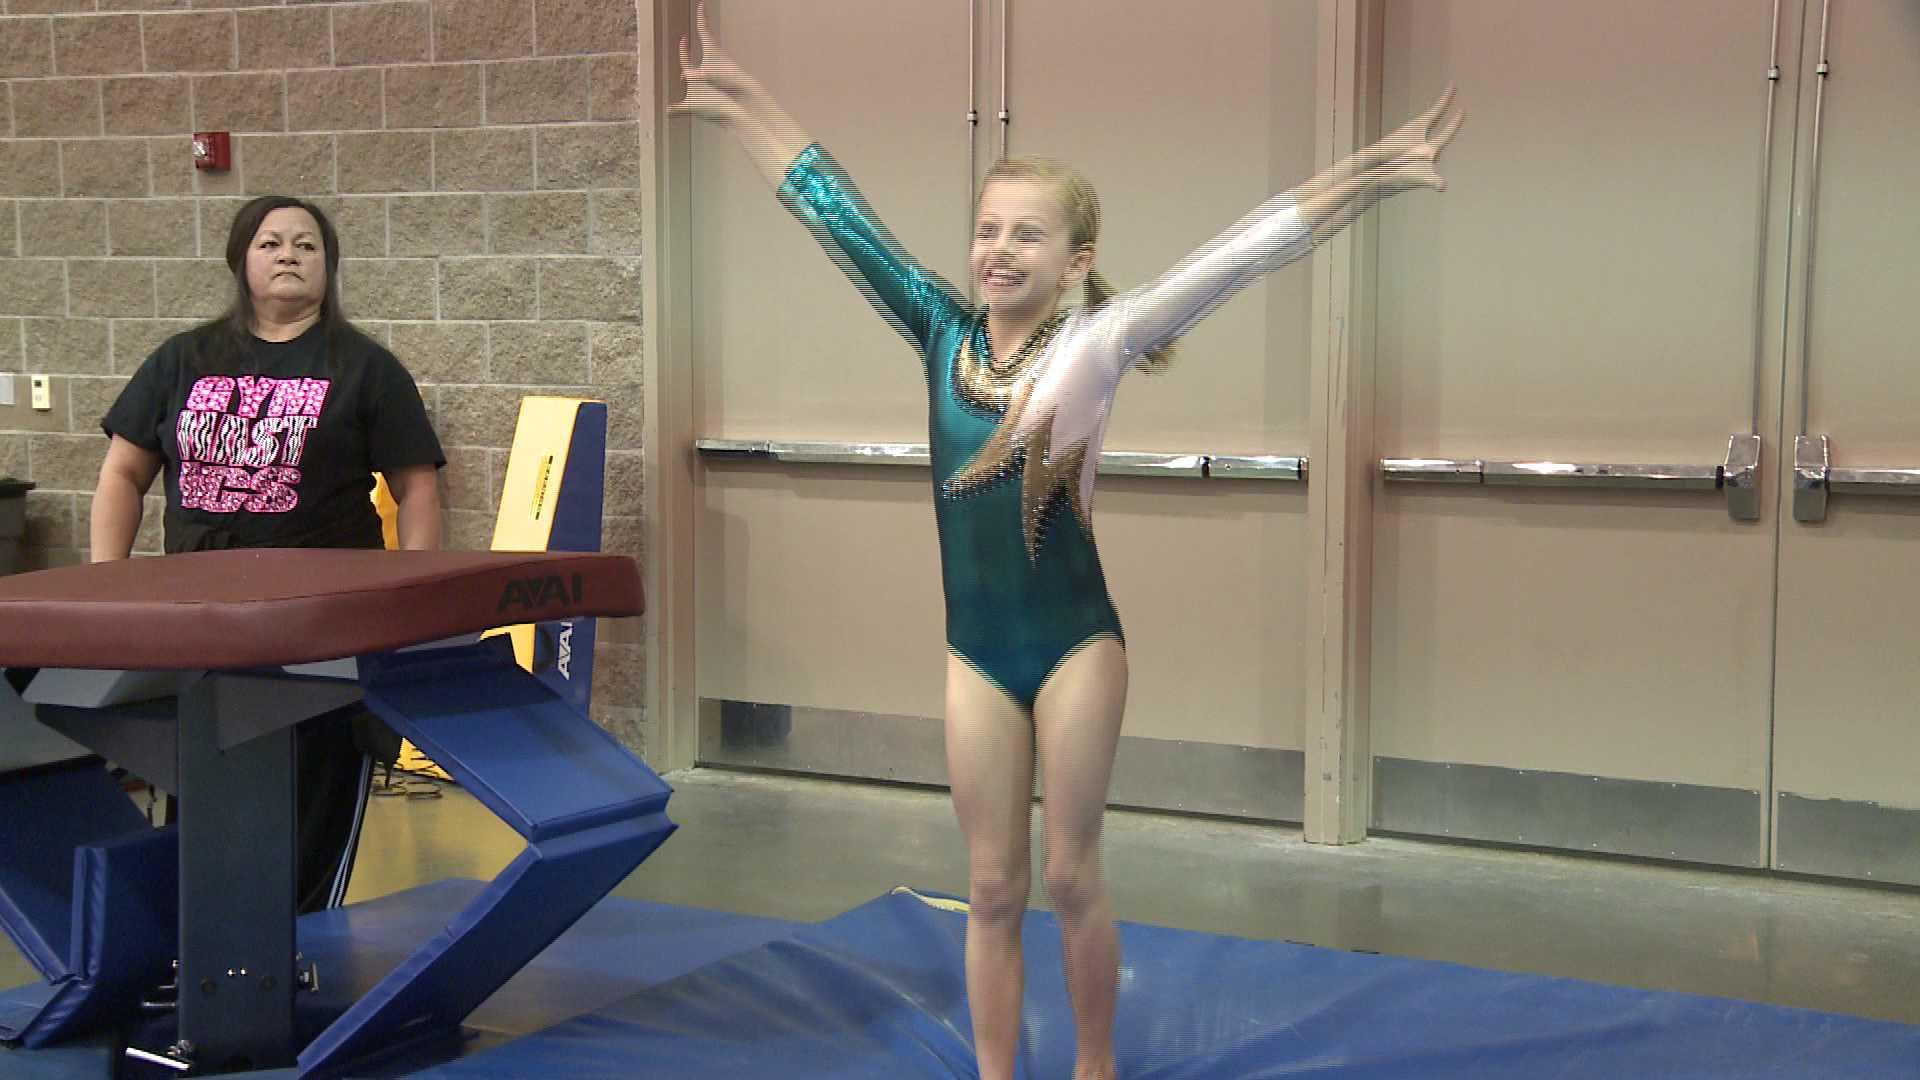 schaumburg convention center gymnastics meet tracker